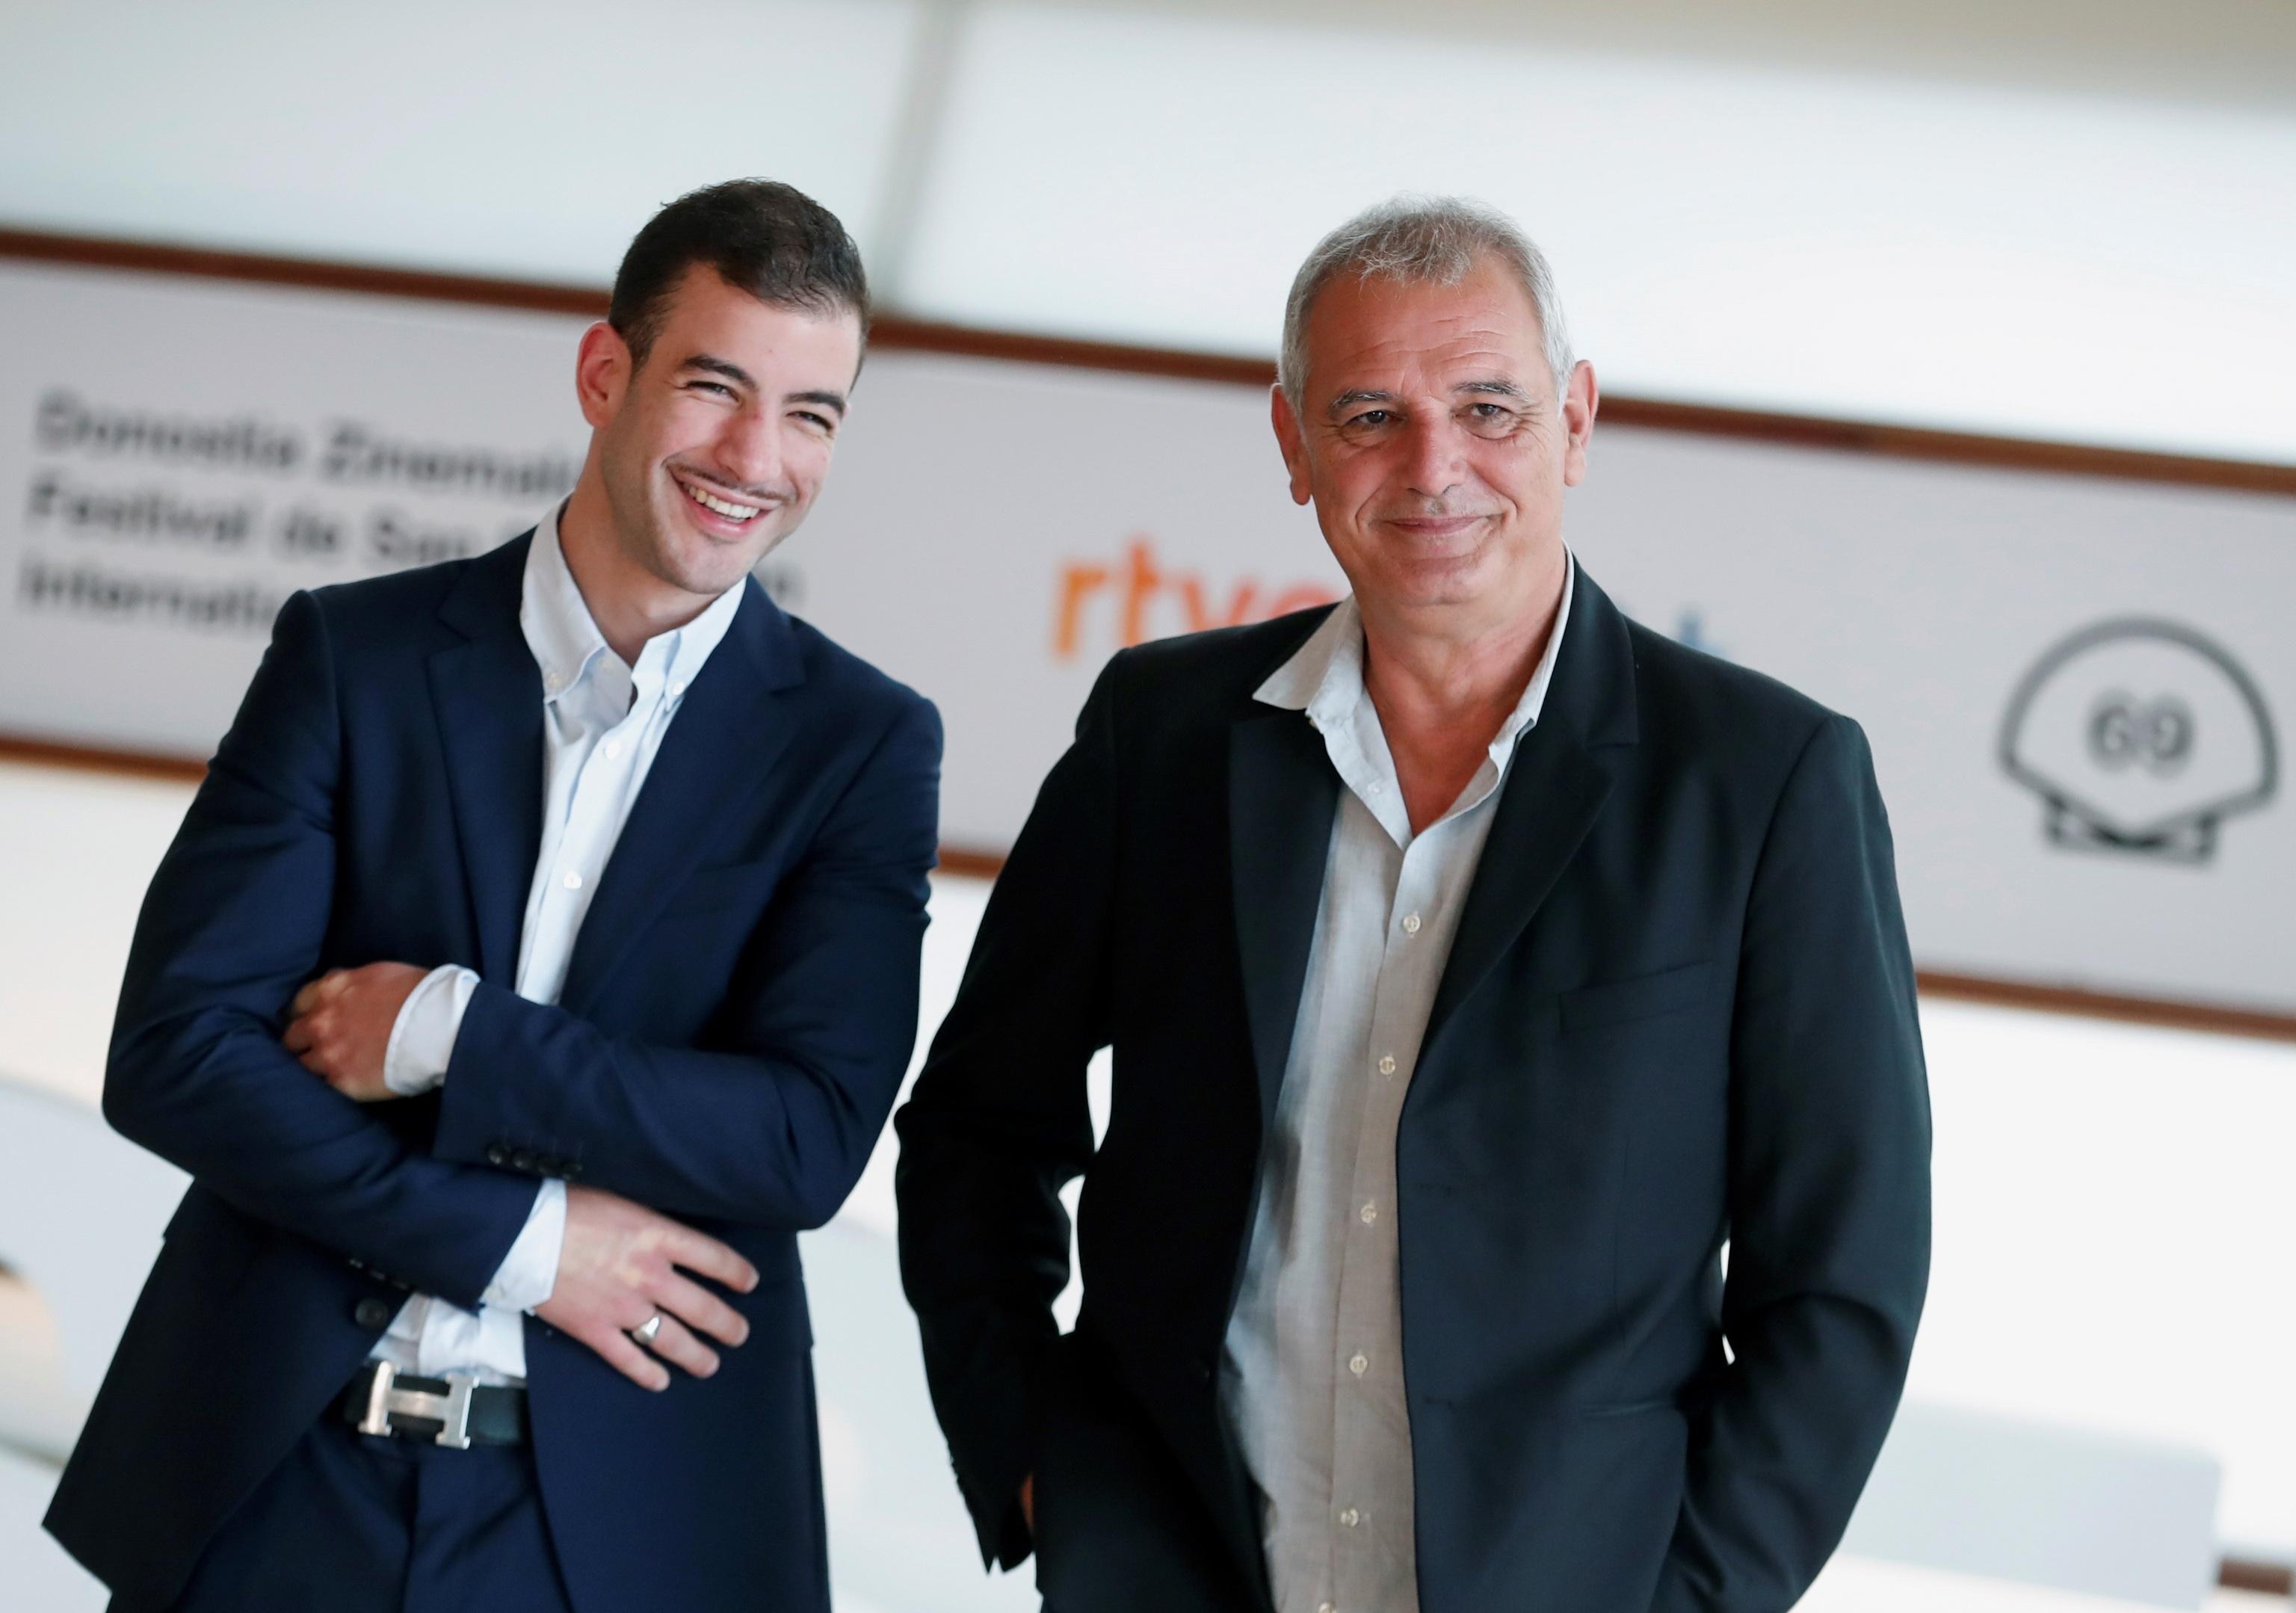 El realizador Laurent Cantet posa junto al actor Rabah Nait Oufella tras presentar su película 'Arthur Rambo'